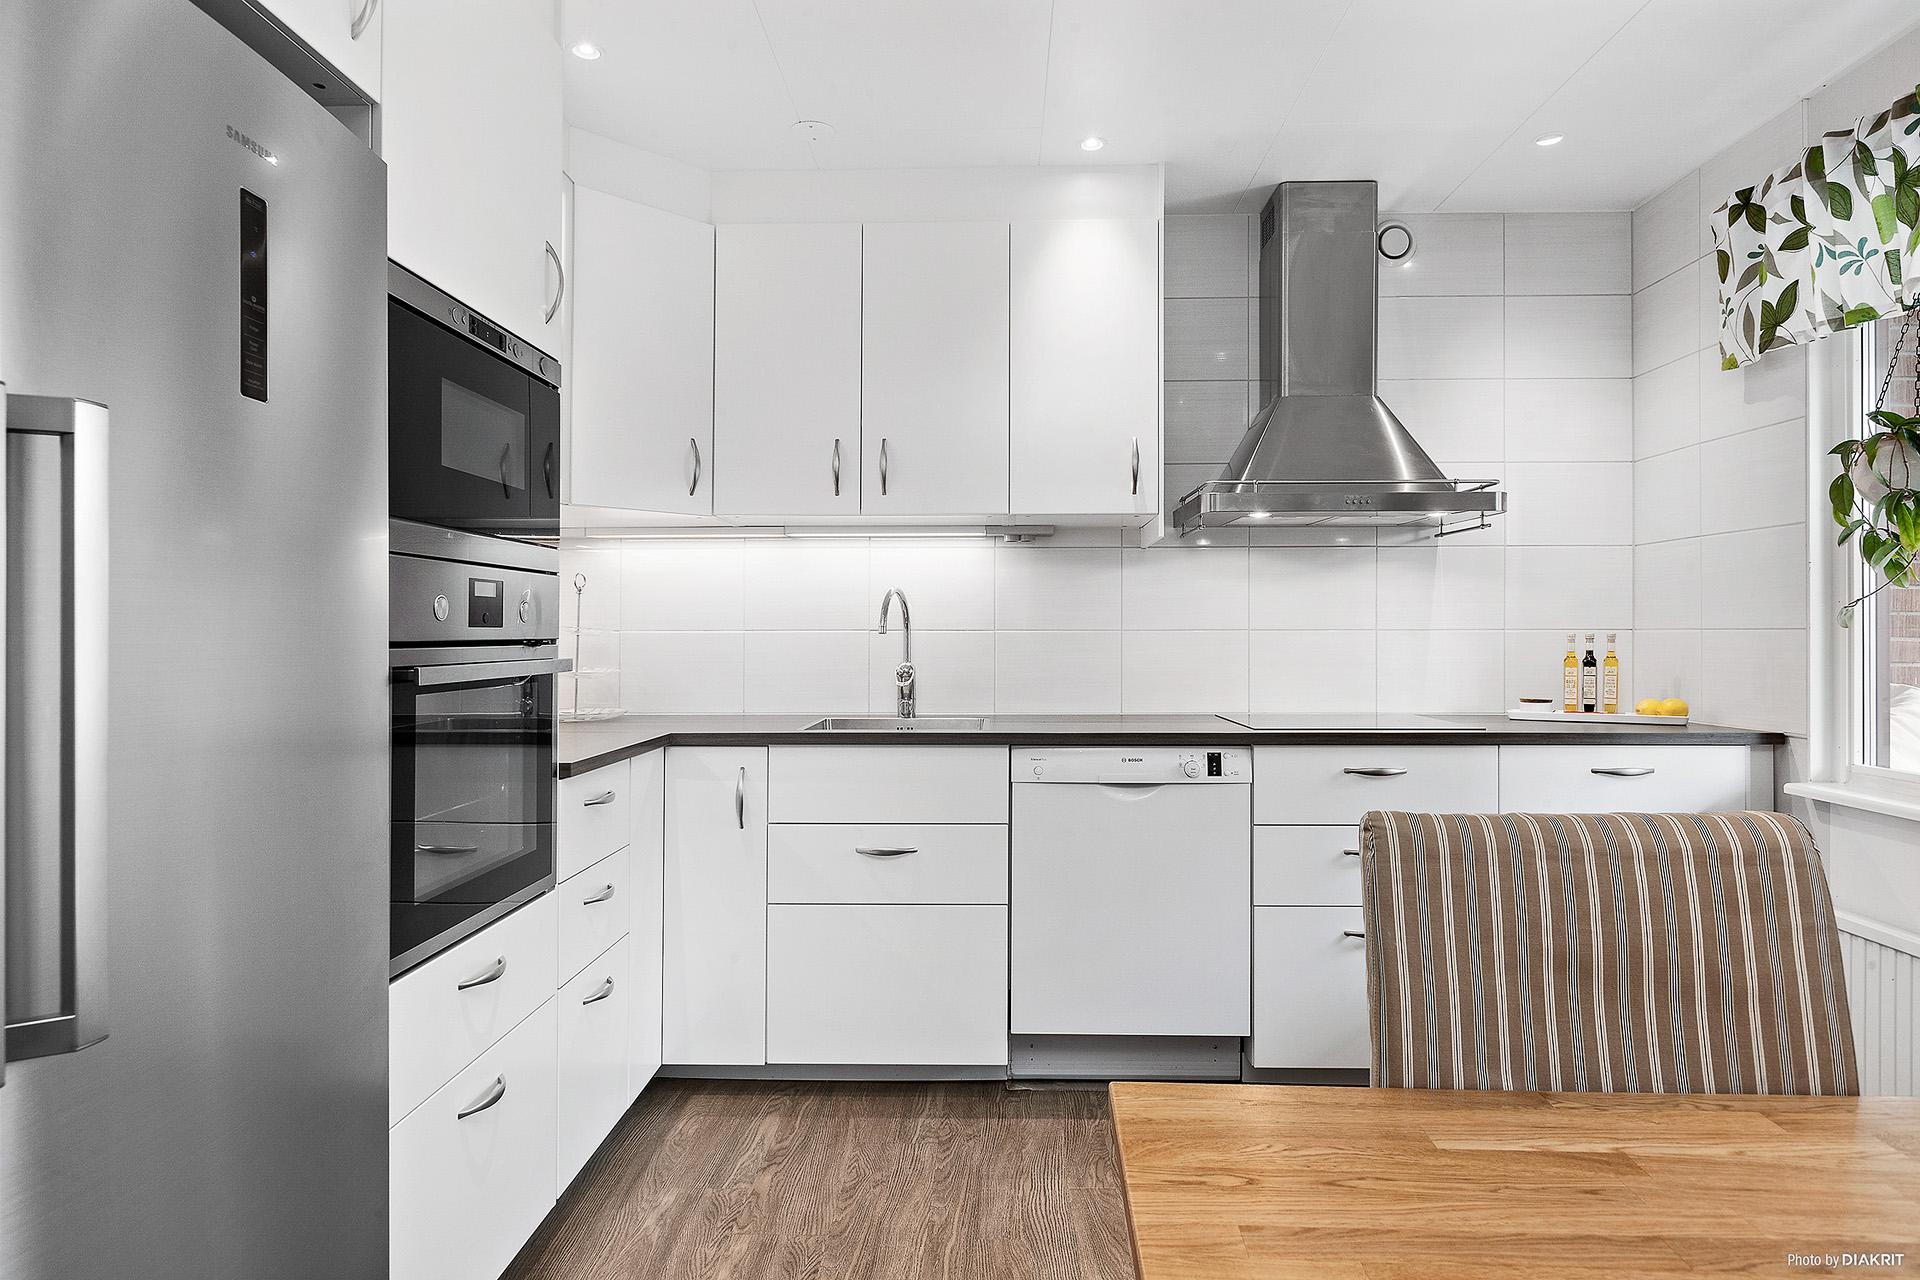 Kök (Ikea, 2015) vita släta köksluckor